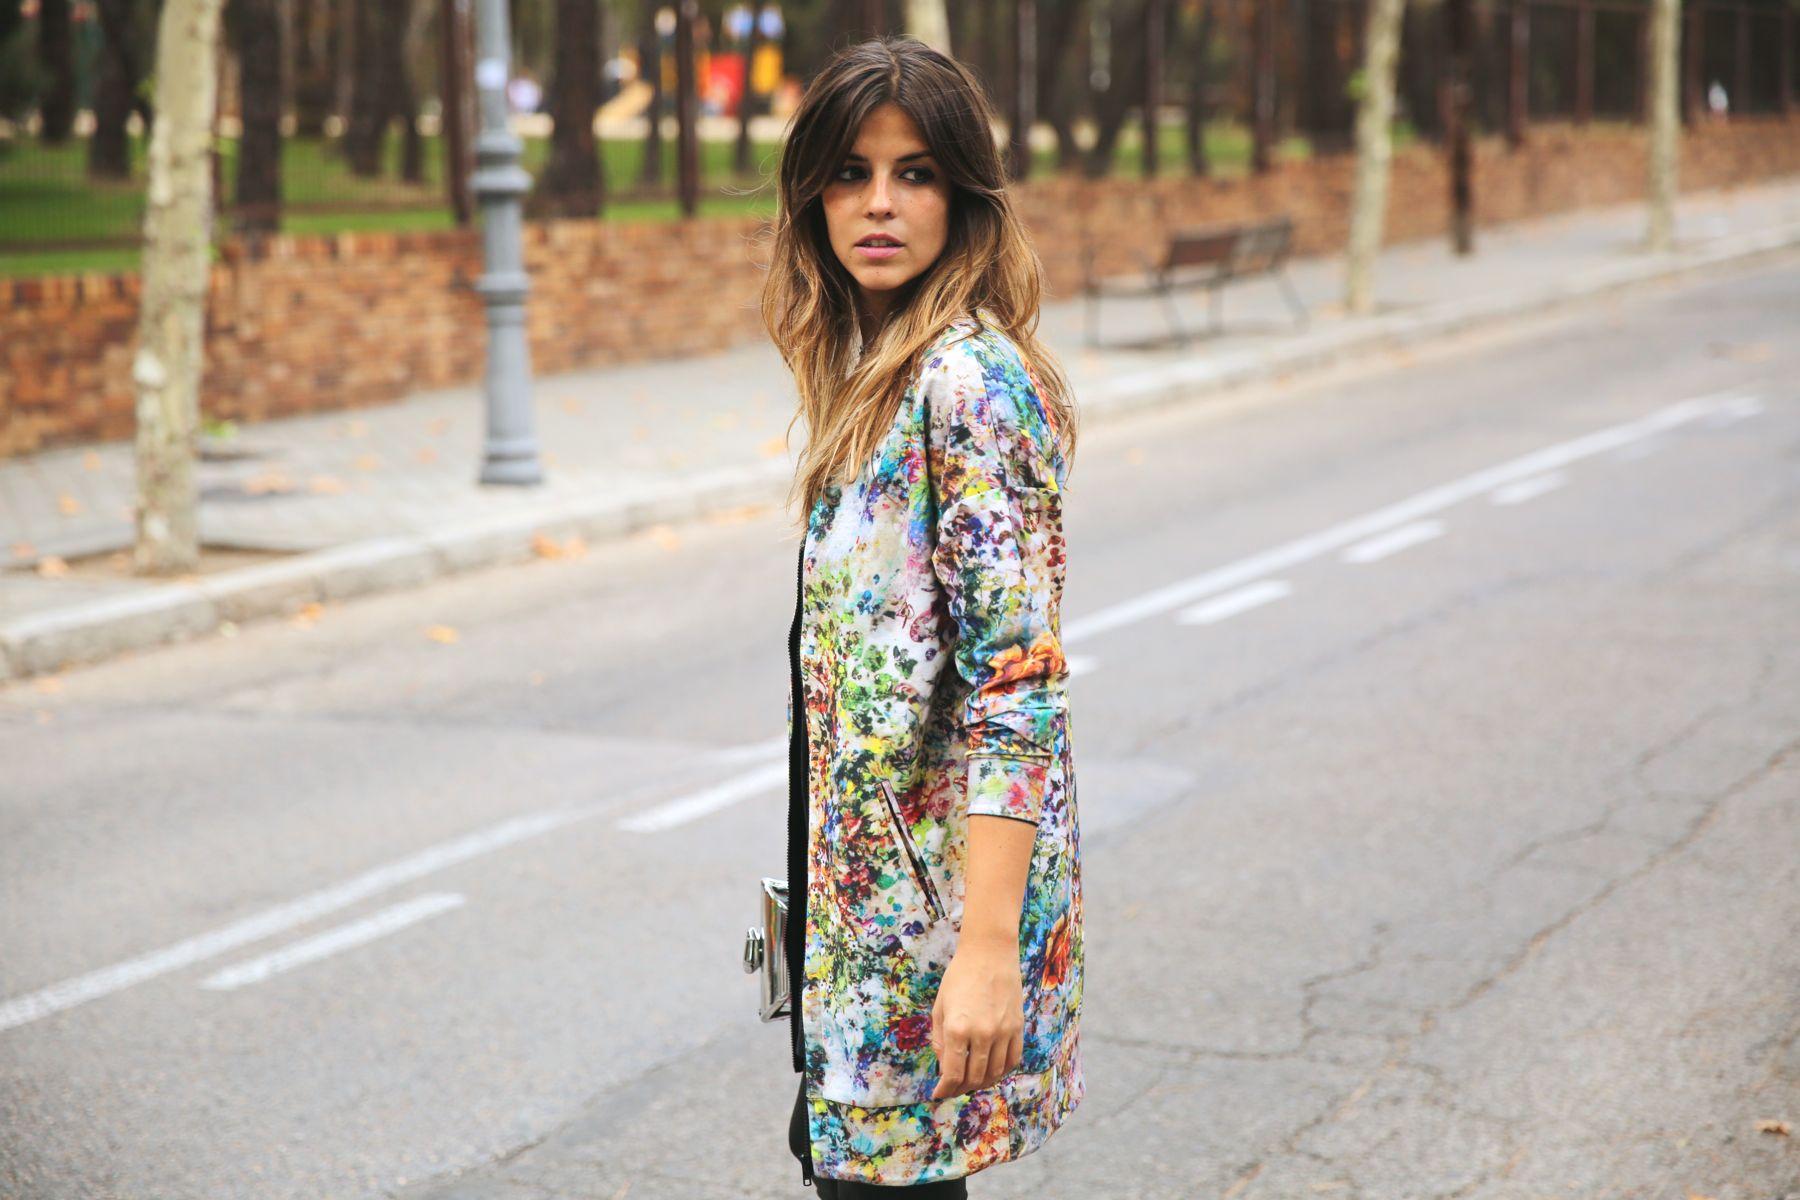 trendy_taste-look-outfit-street_style-ootd-blog-blogger-fashion_spain-moda_españa-leggings-bomber-cazadora-estampado_flores-flower_print-mas34-stiletto-estiletos-basic_tee-camiseta_basica-sport_chic-10